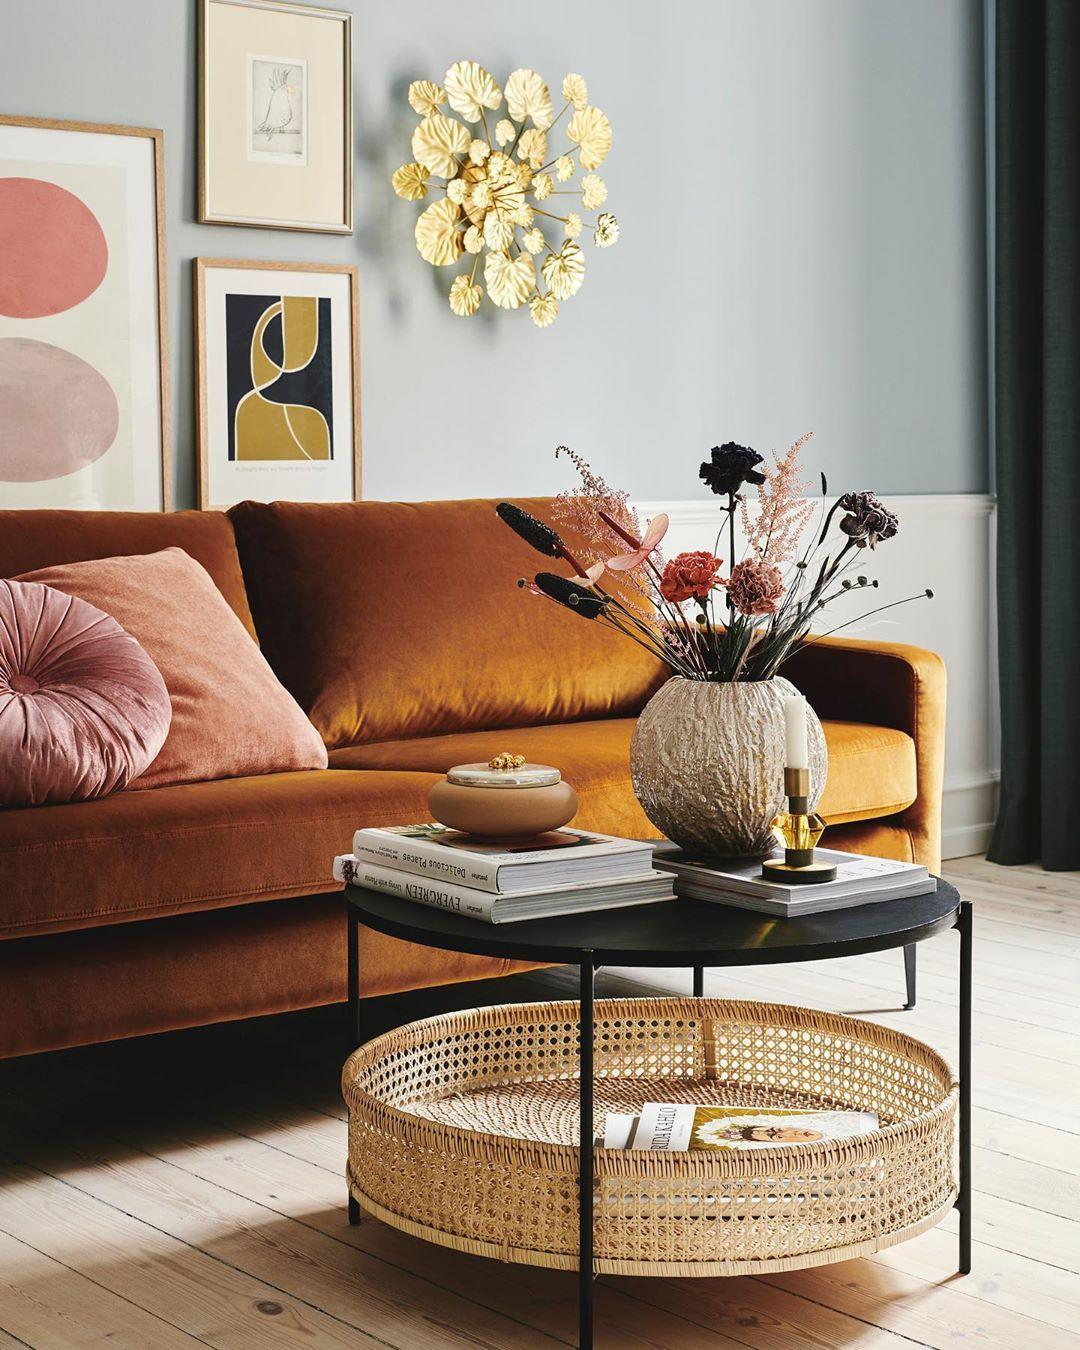 Danish Interior Design (@eden